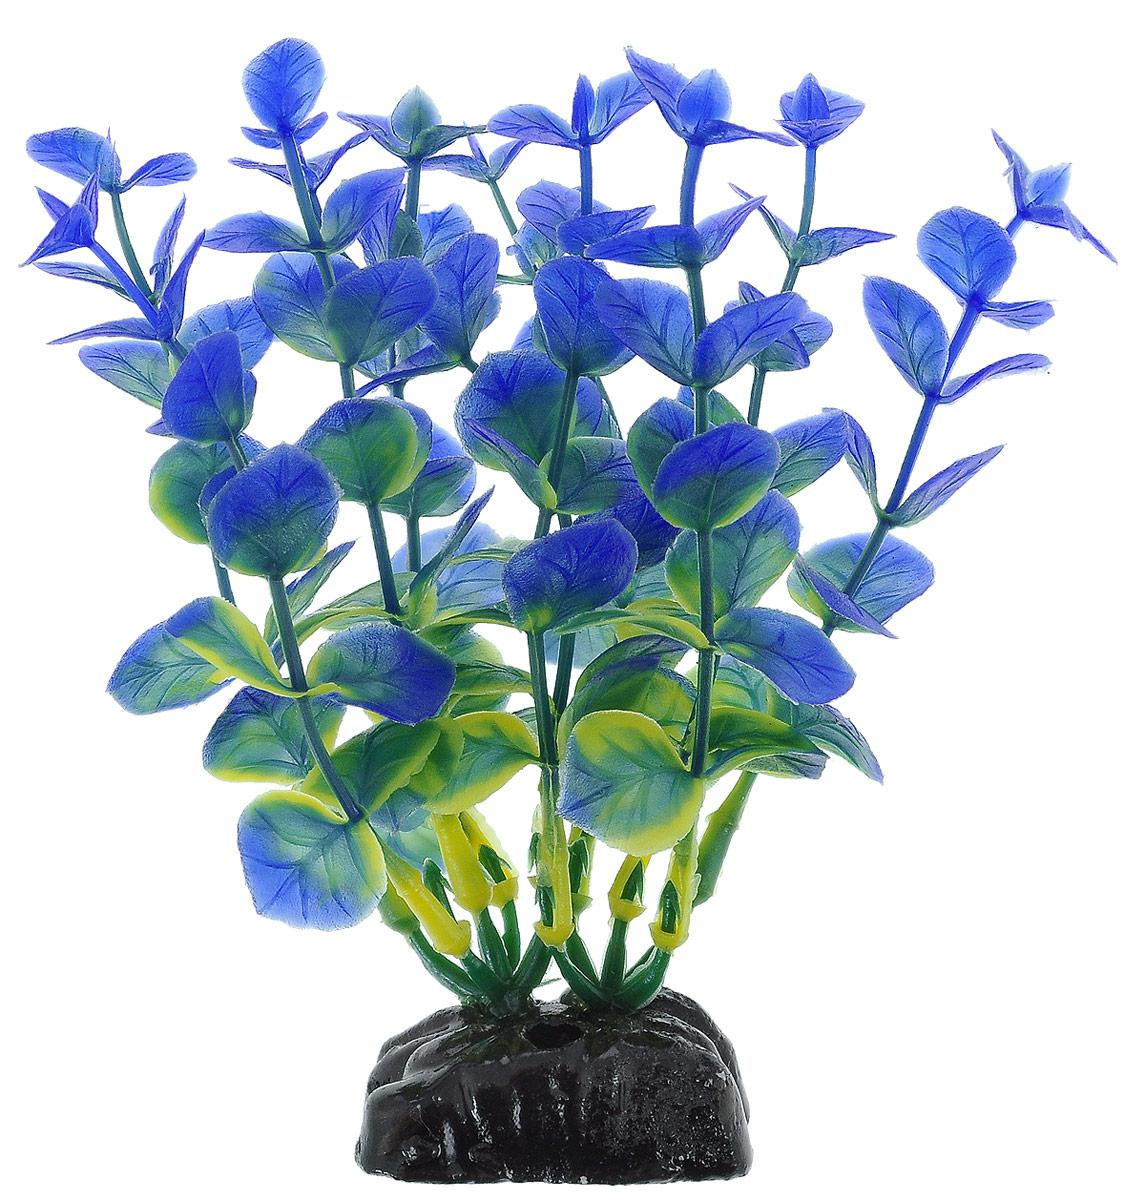 Растение для аквариума Barbus Бакопа, пластиковое, цвет: зеленый, синий, высота 10 см